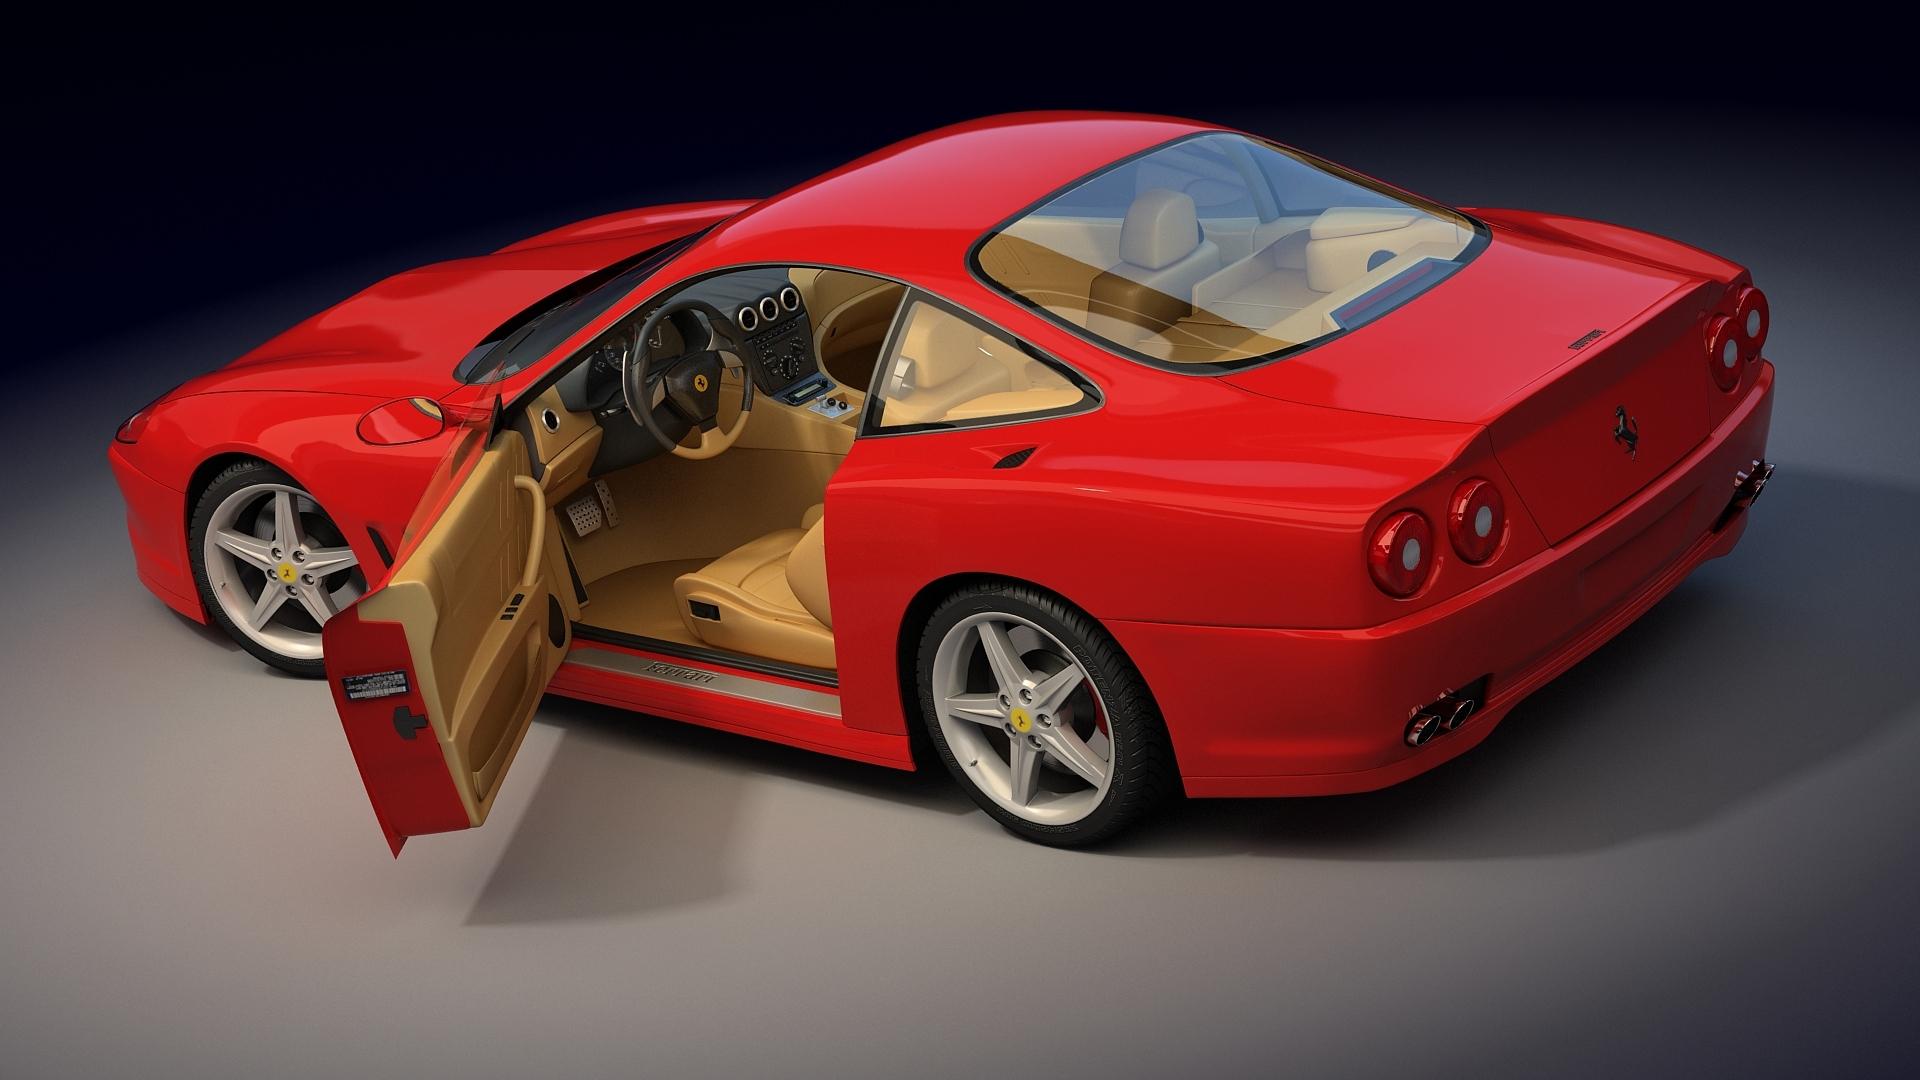 44112 скачать обои Транспорт, Машины, Феррари (Ferrari) - заставки и картинки бесплатно